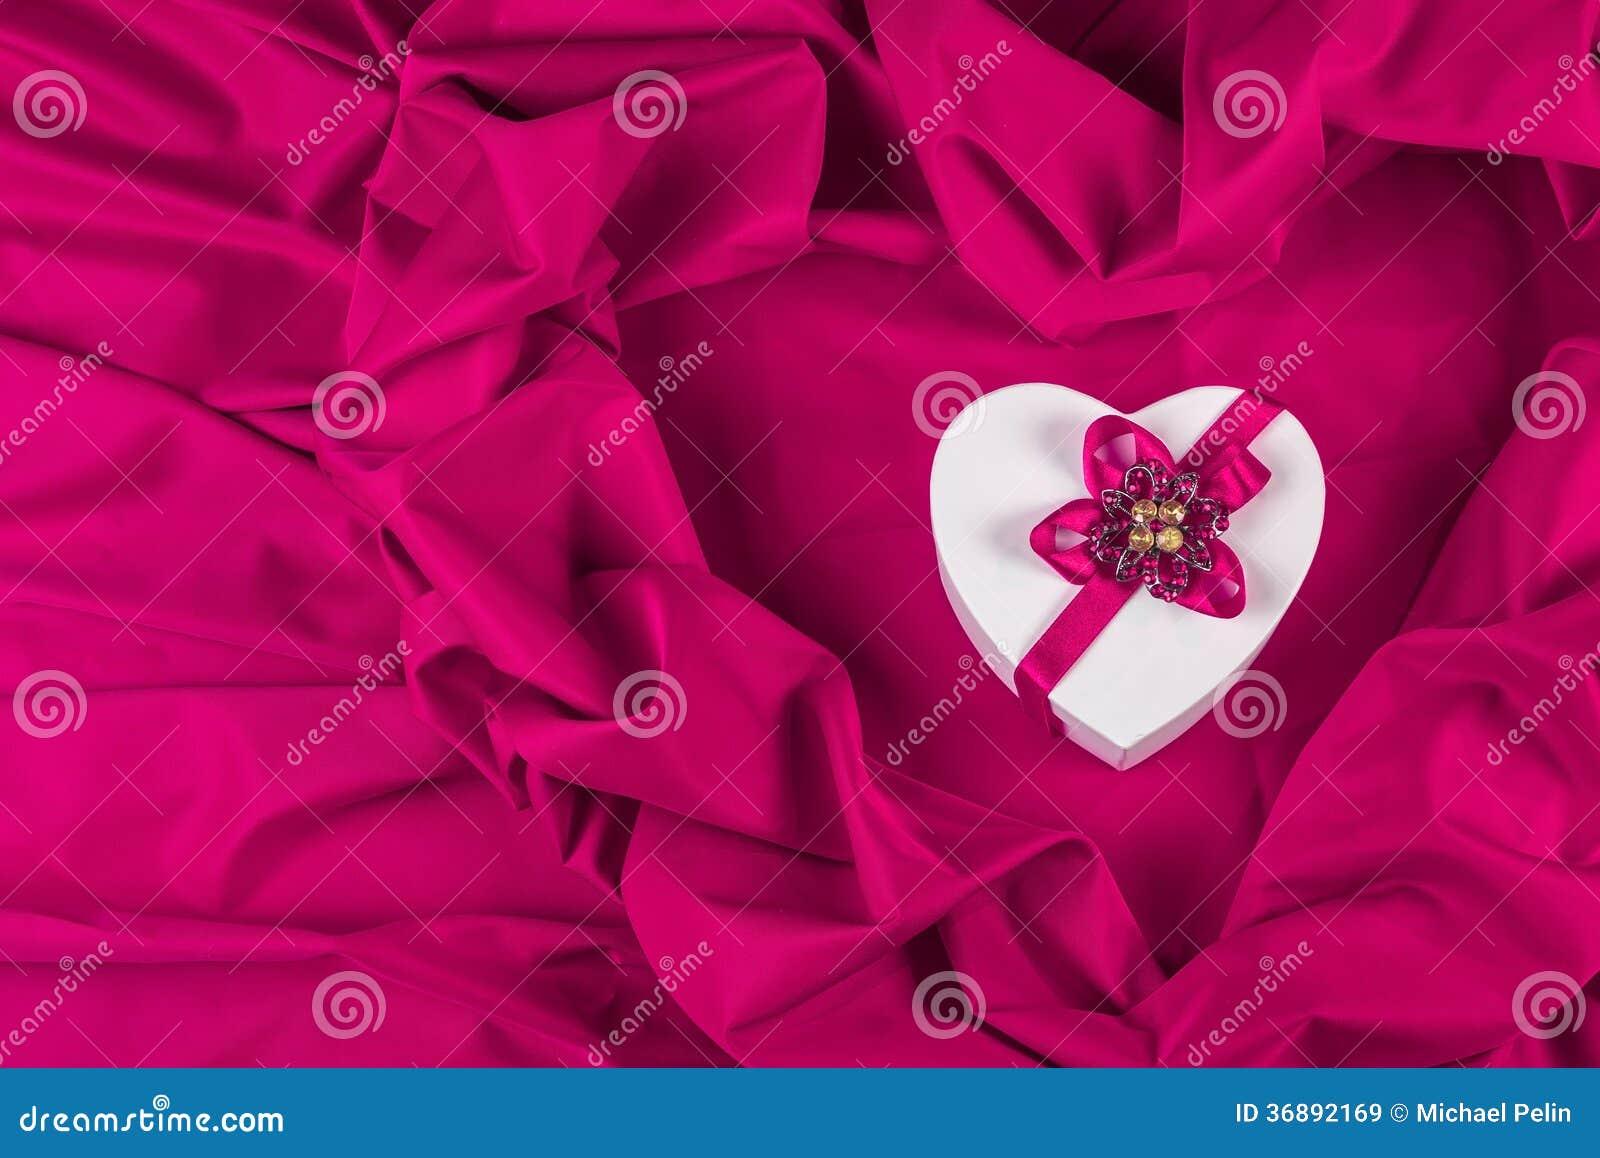 Download Ami La Carta Con Cuore Su Un Tessuto Porpora Immagine Stock - Immagine di nastro, figura: 36892169